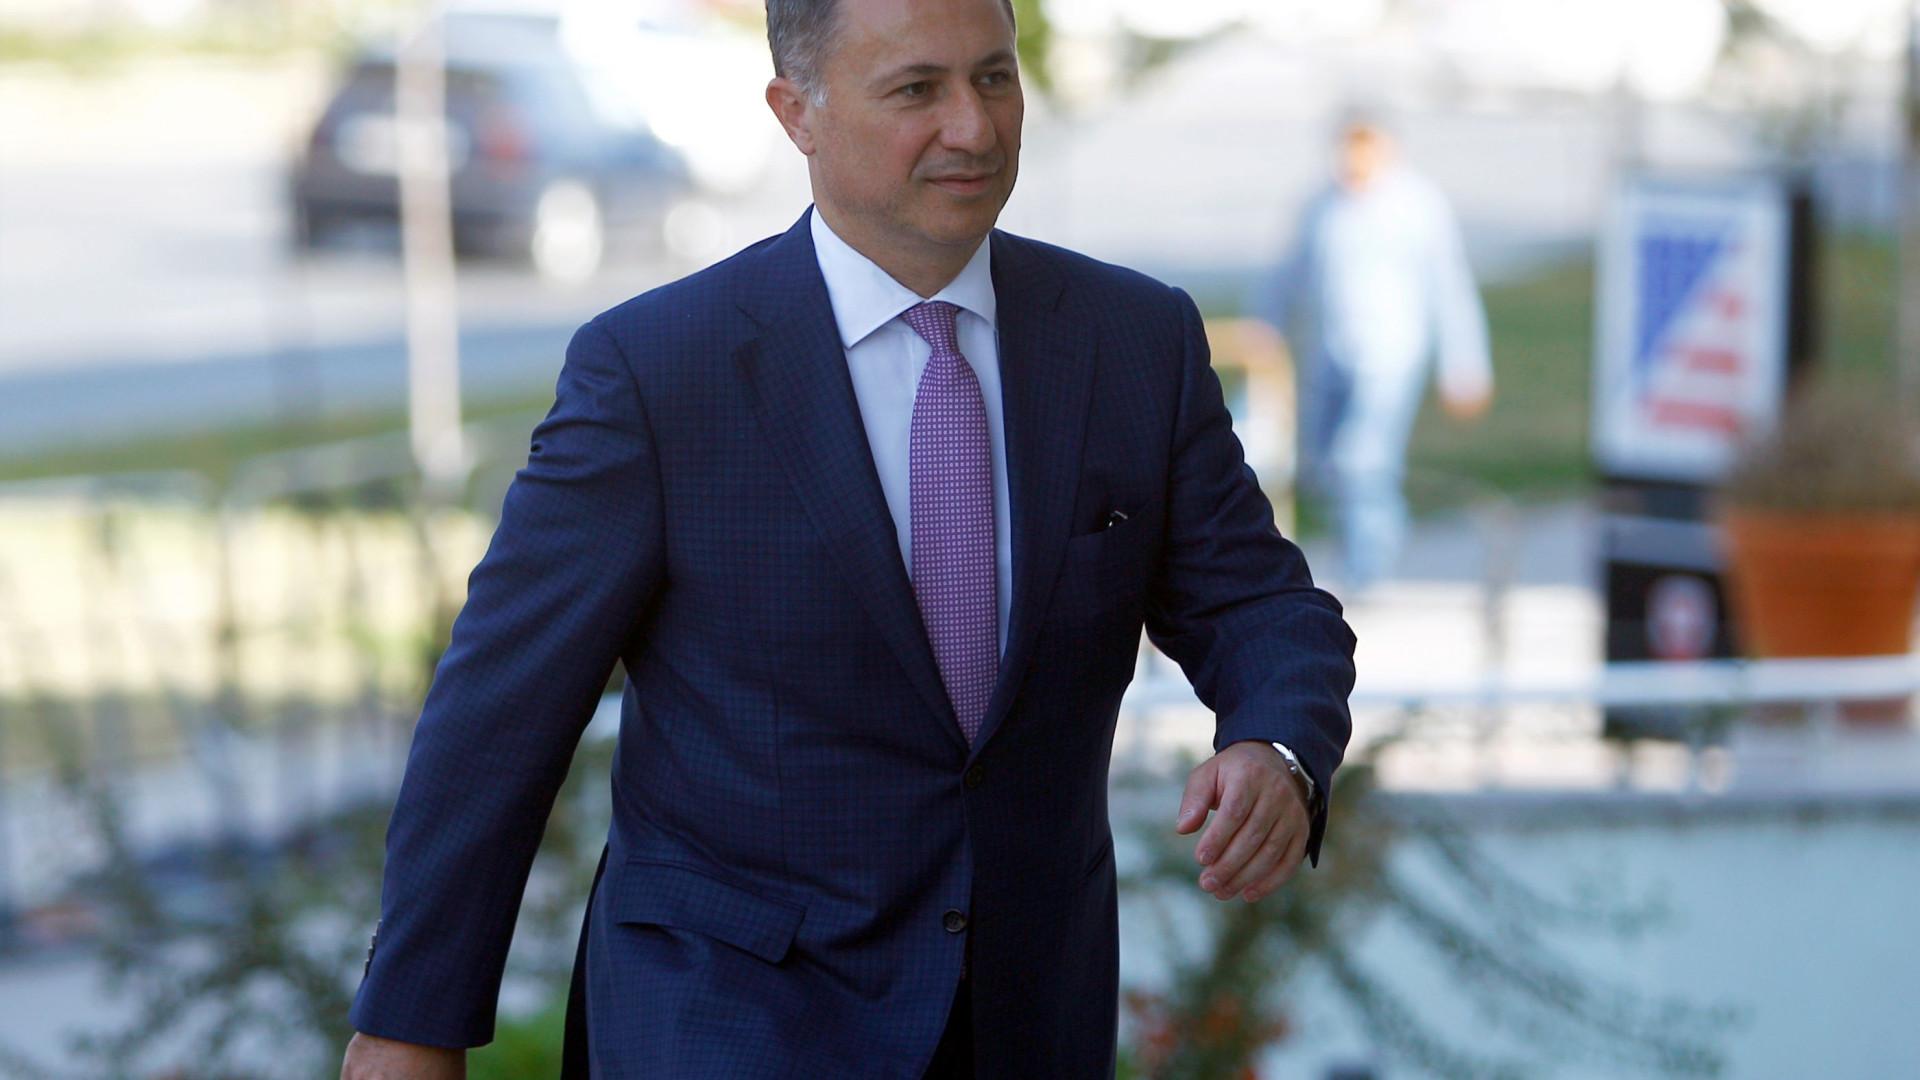 Emitido mandado de detenção contra ex-primeiro-ministro da Macedónia